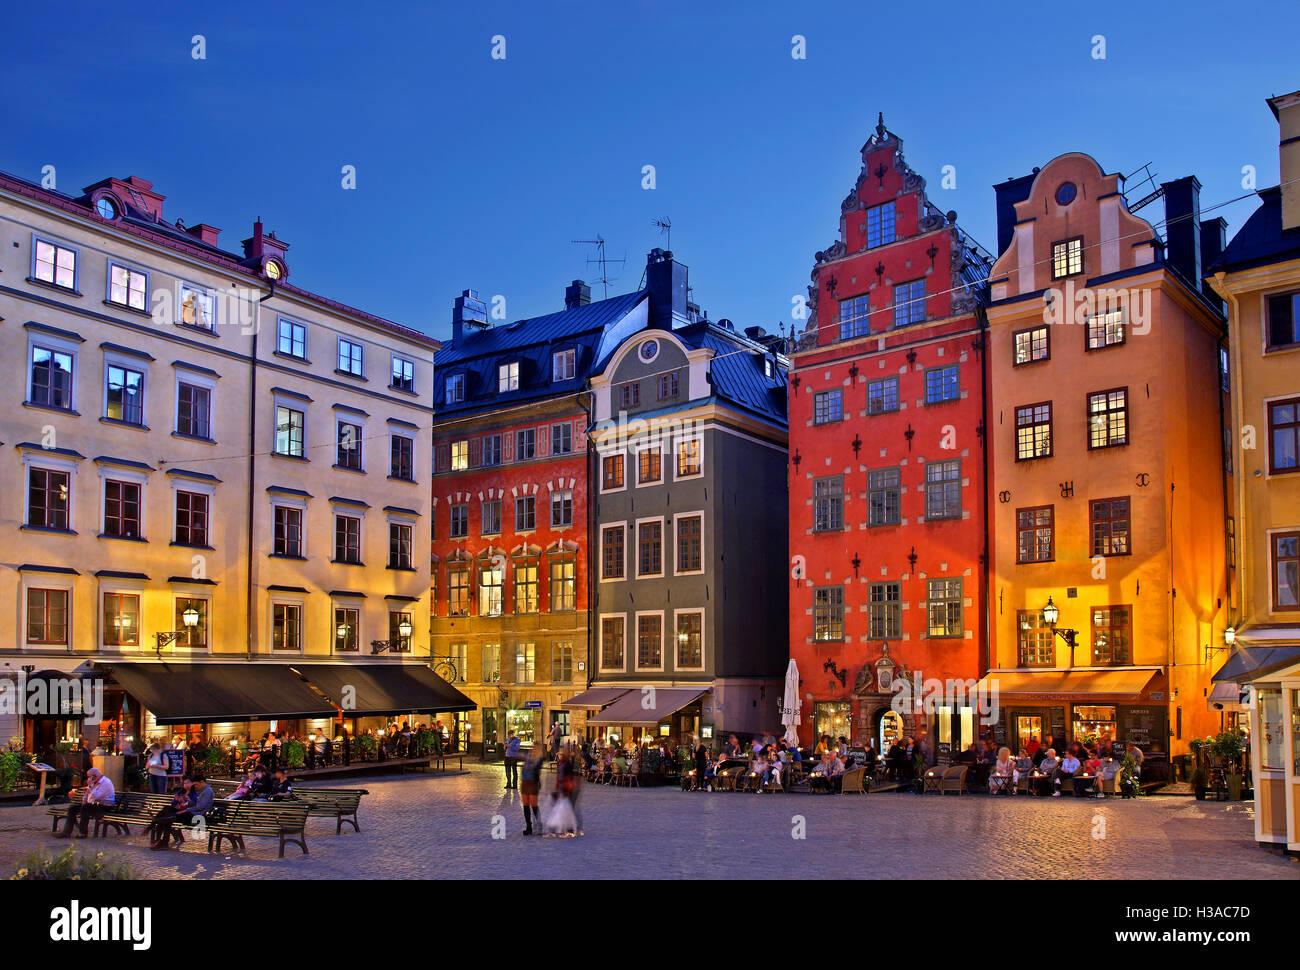 Stortorget square a Gamla Stan, la città vecchia di Stoccolma, Svezia. Immagini Stock